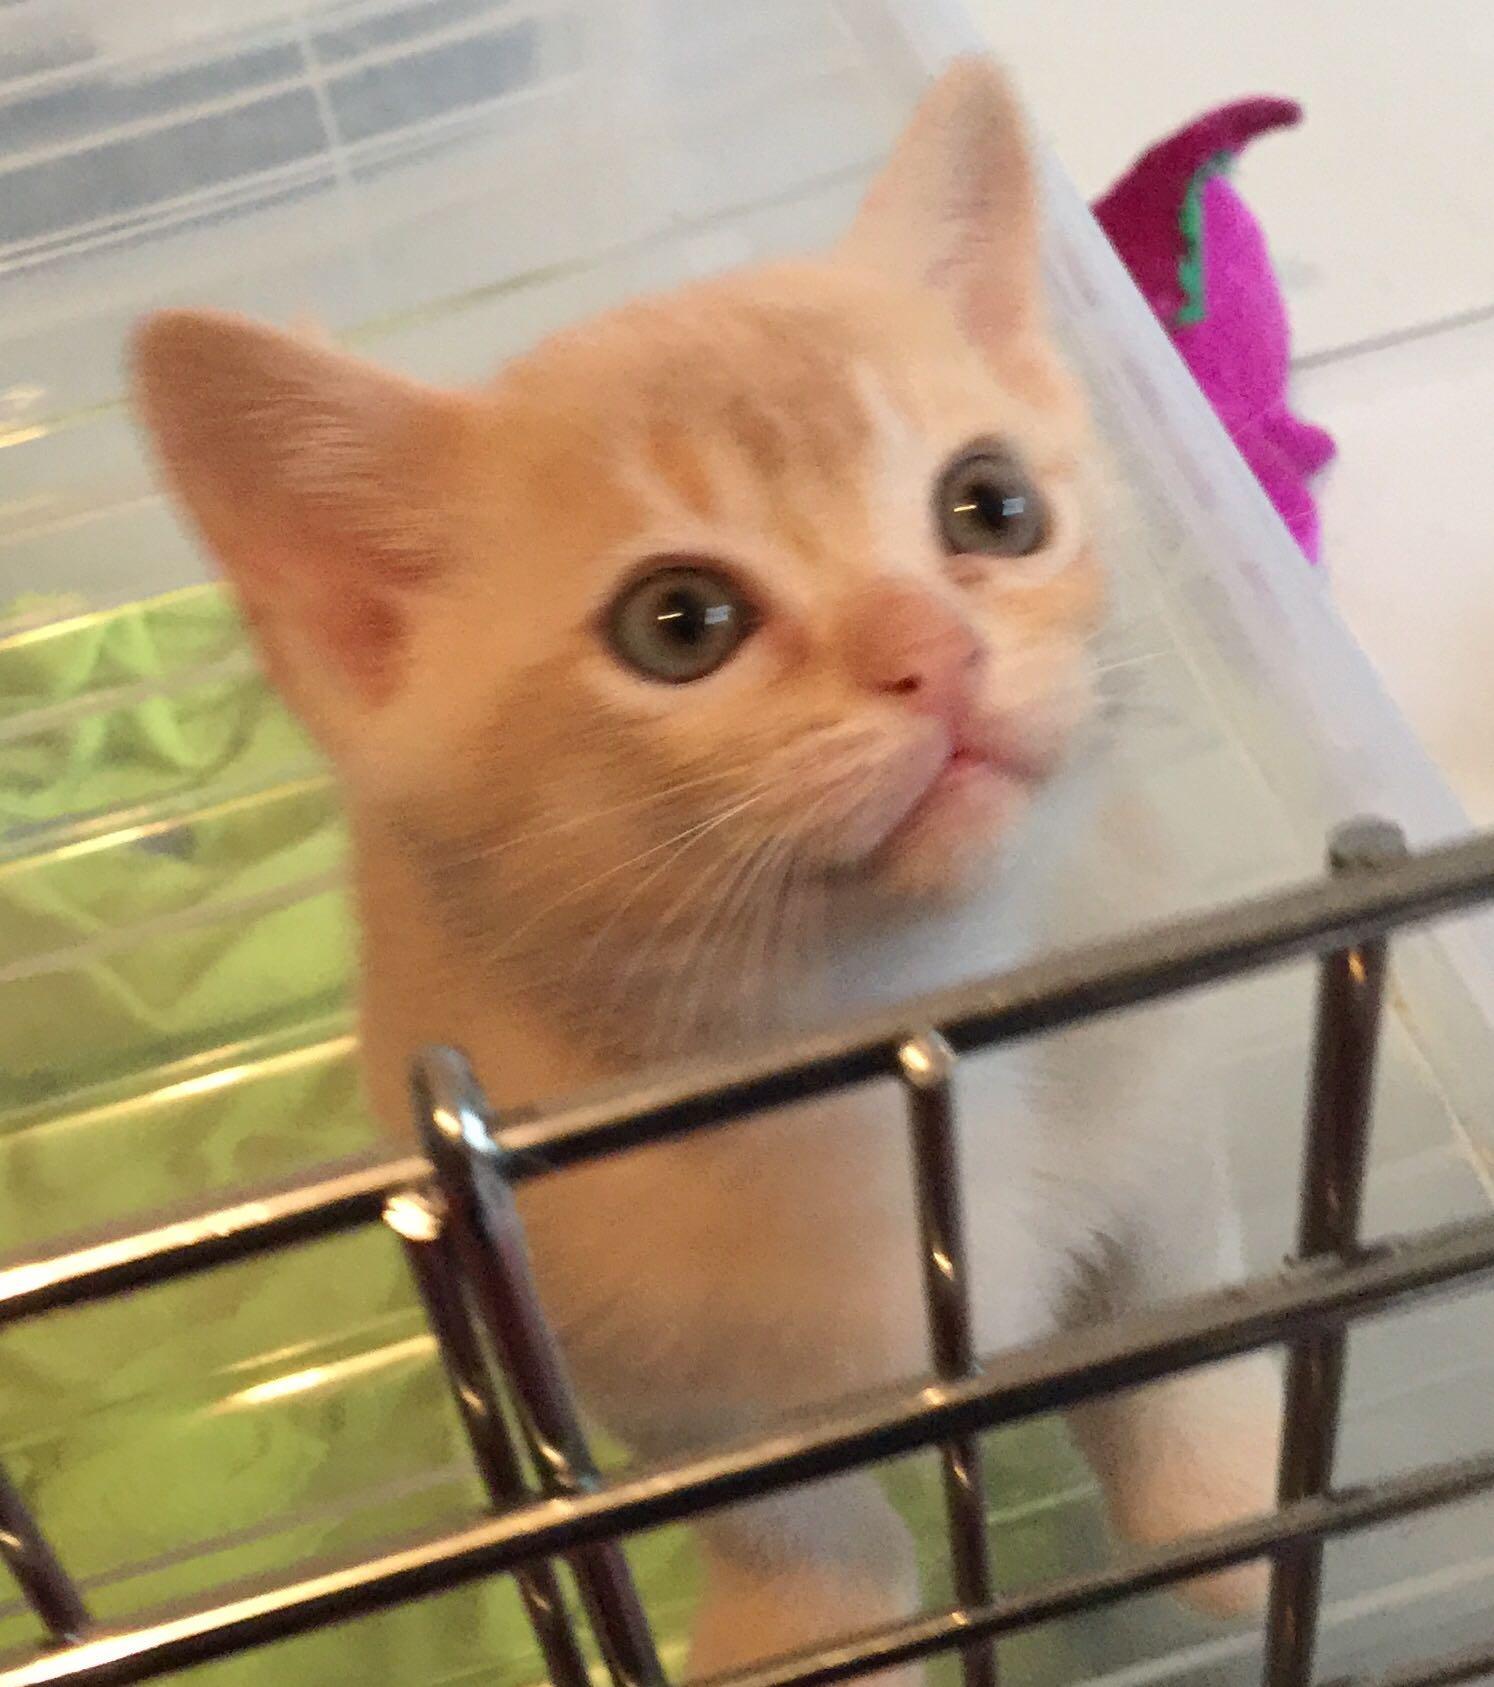 香港可以买到缅甸猫吗 香港缅甸猫多少钱一只